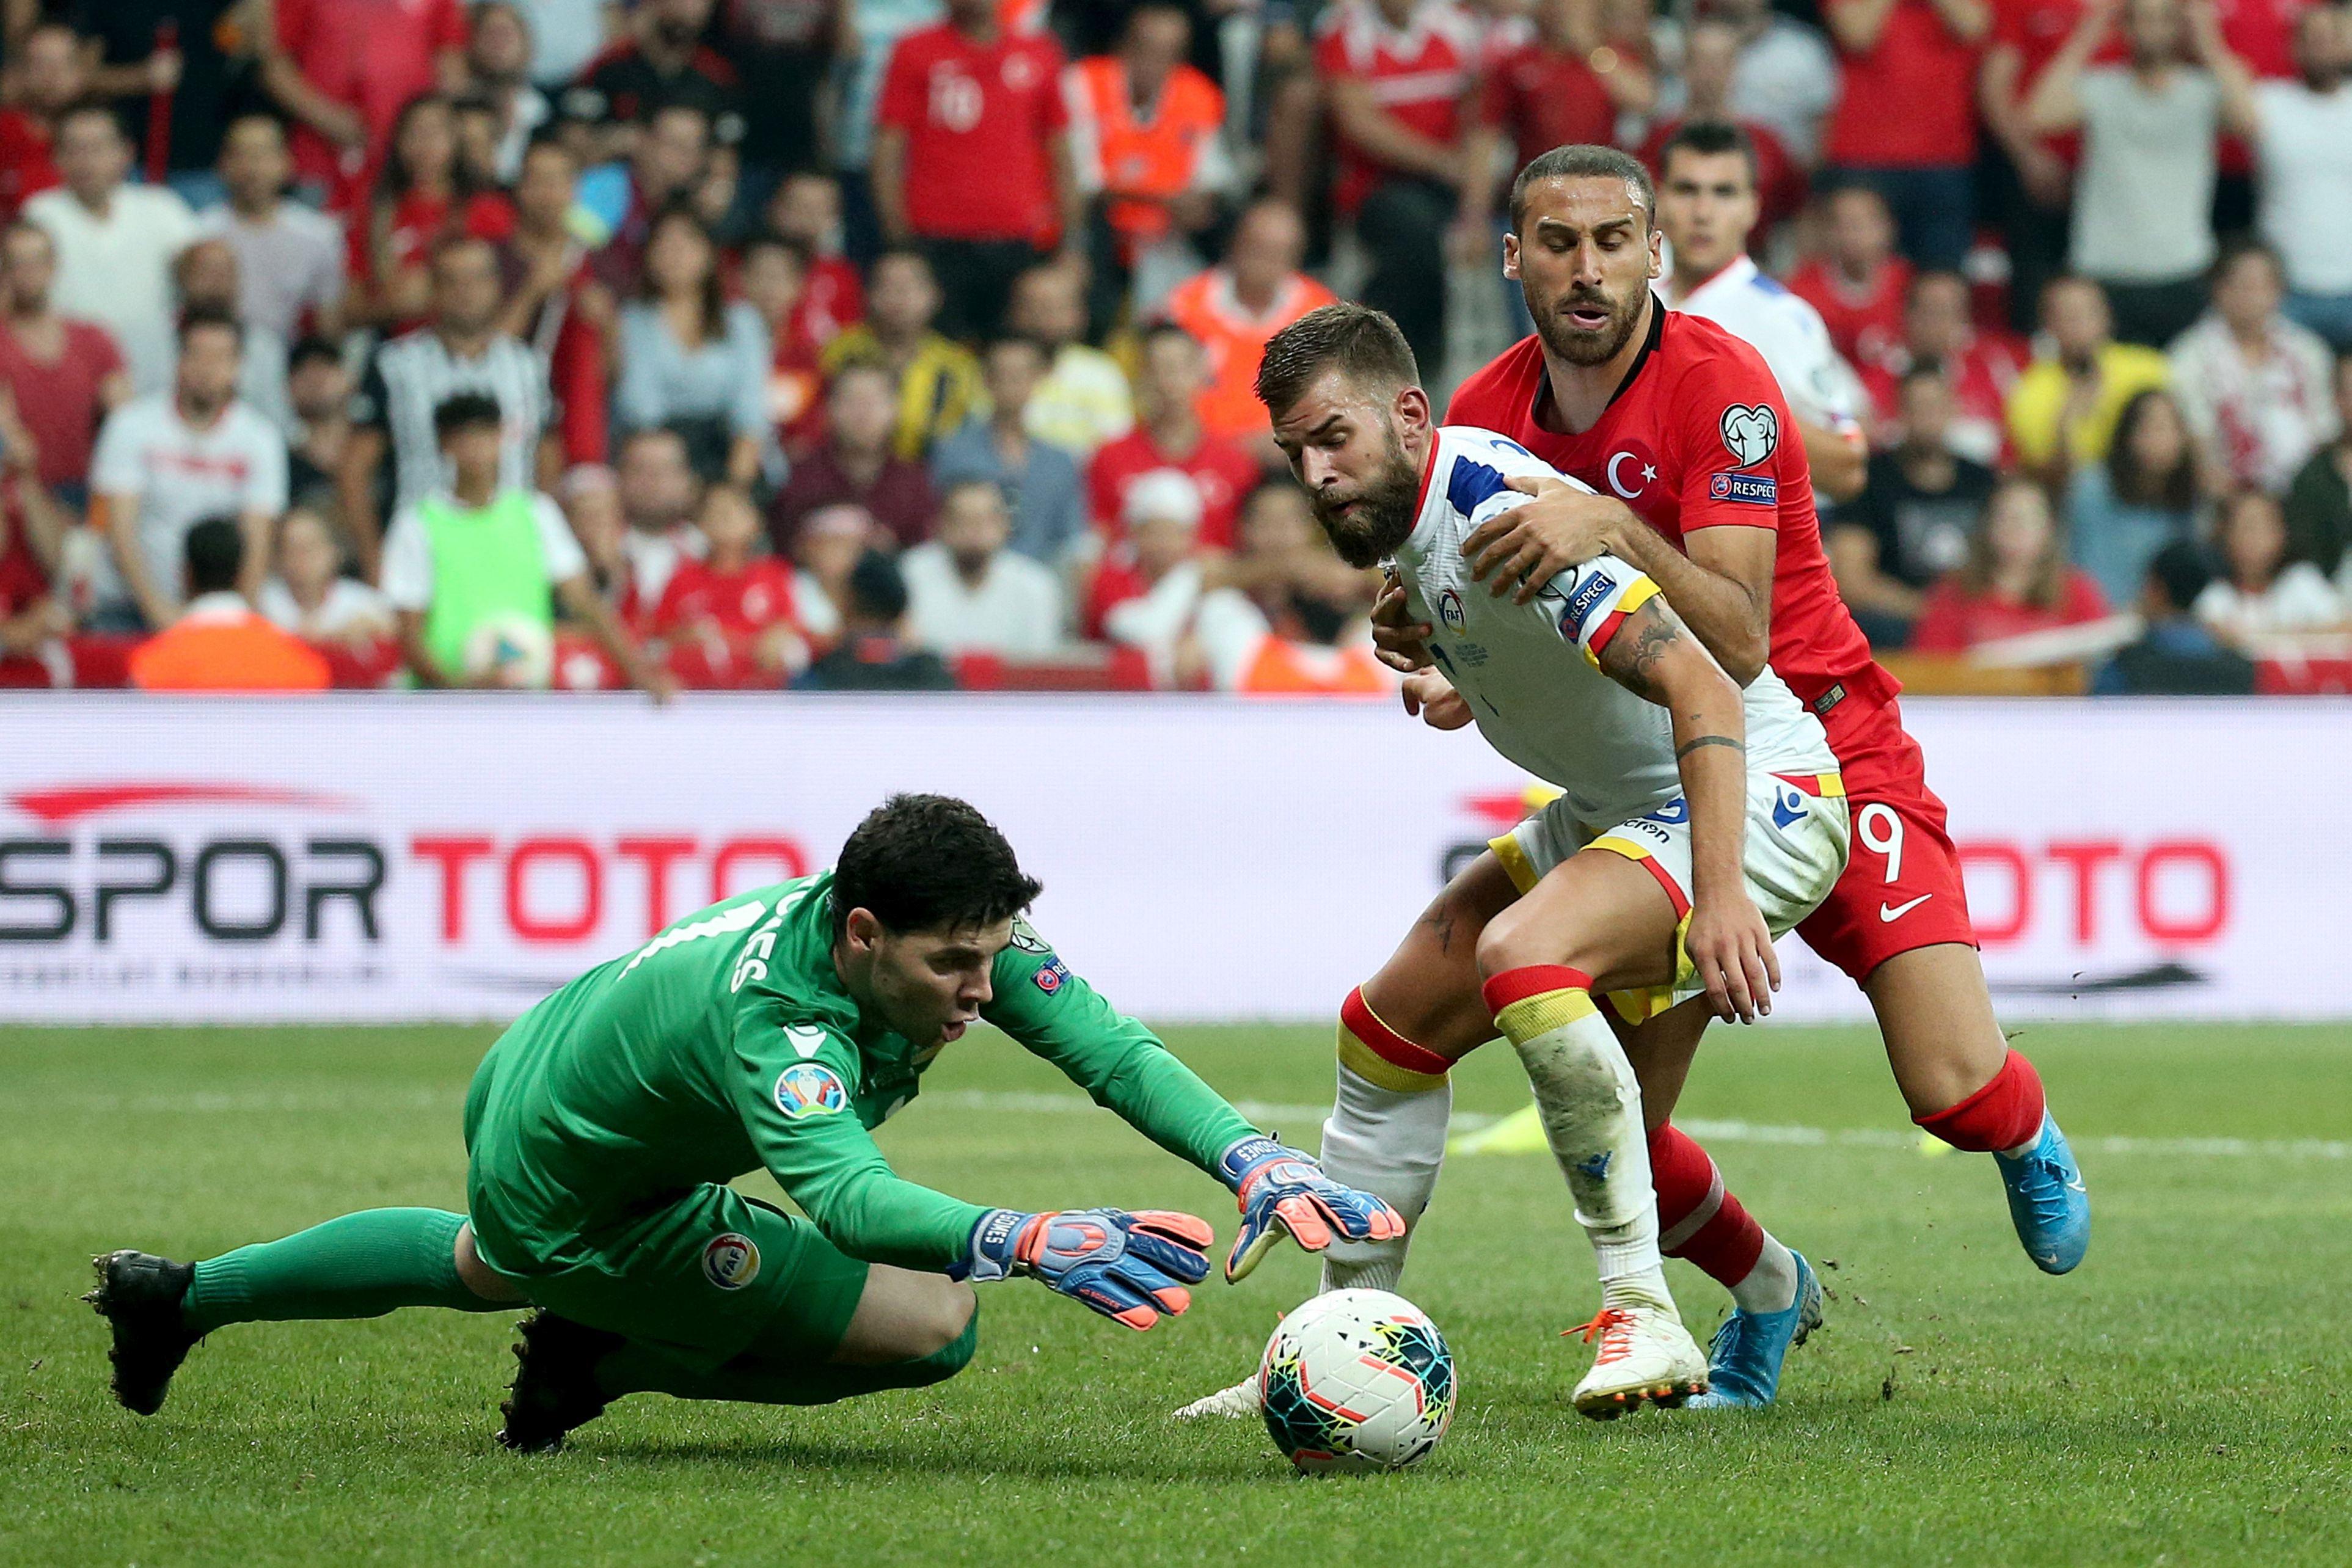 Fundașul Andorrei protejând mingea în meciul cu Turcia. Sursă foto: hepta.ro